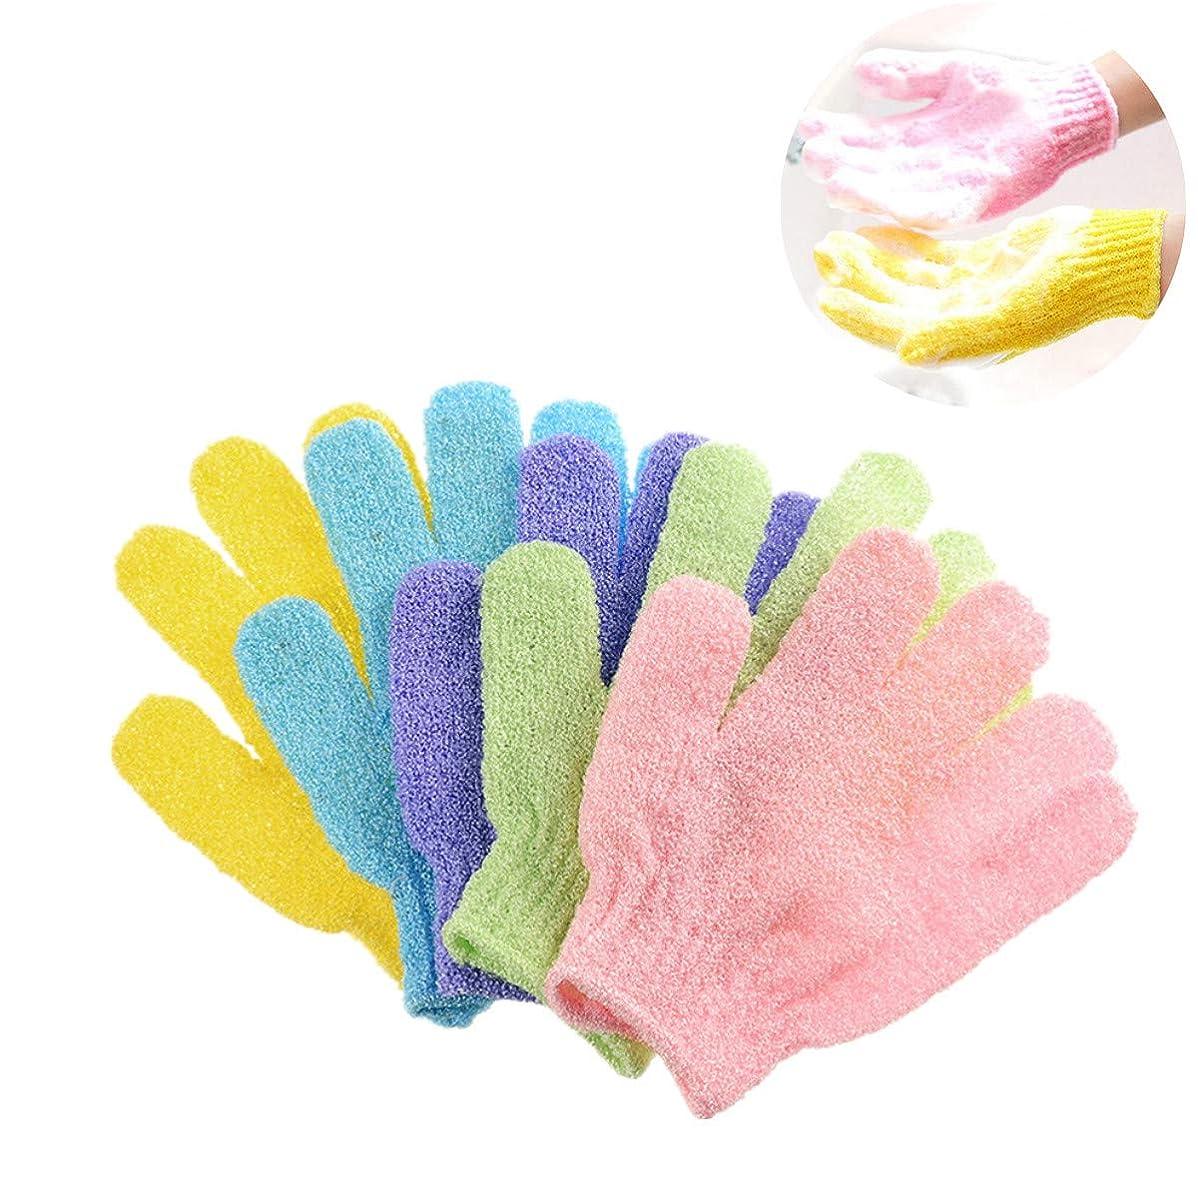 リース連続的敬なKingsie 浴用手袋 10枚セット(5ペア) ボディウォッシュ手袋 お風呂手袋 角質除去 角質取り 泡立ち 垢すり グローブ